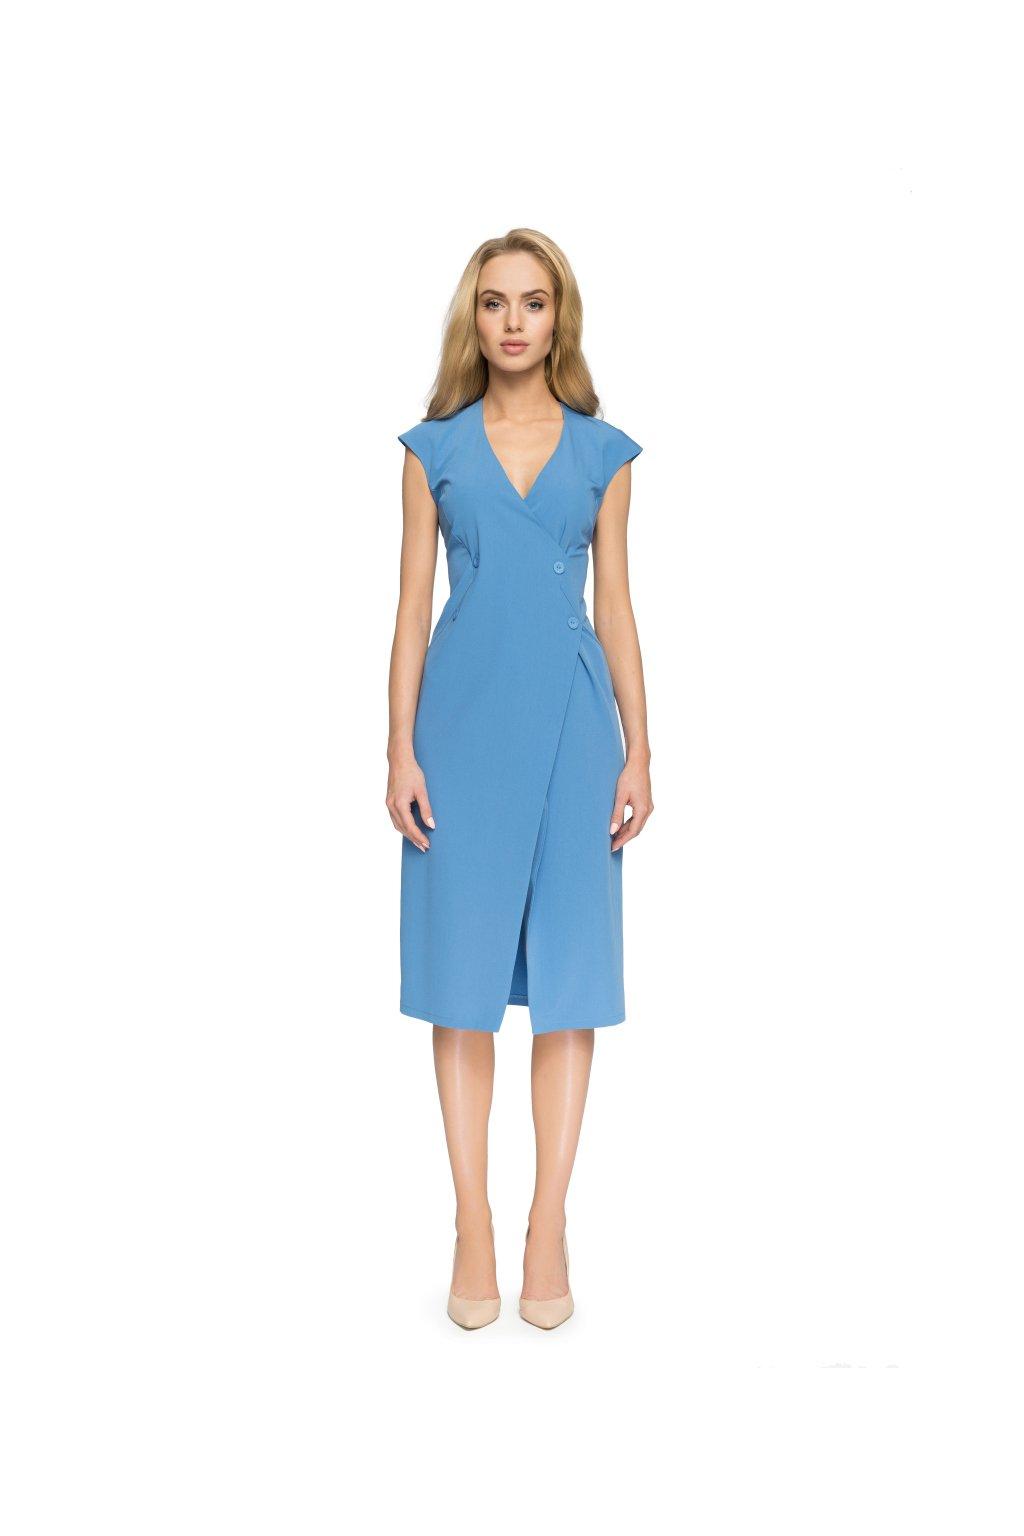 11d987f4b58b Dámské elegantní šaty Style S068 světle modré - SD-Fashion.cz